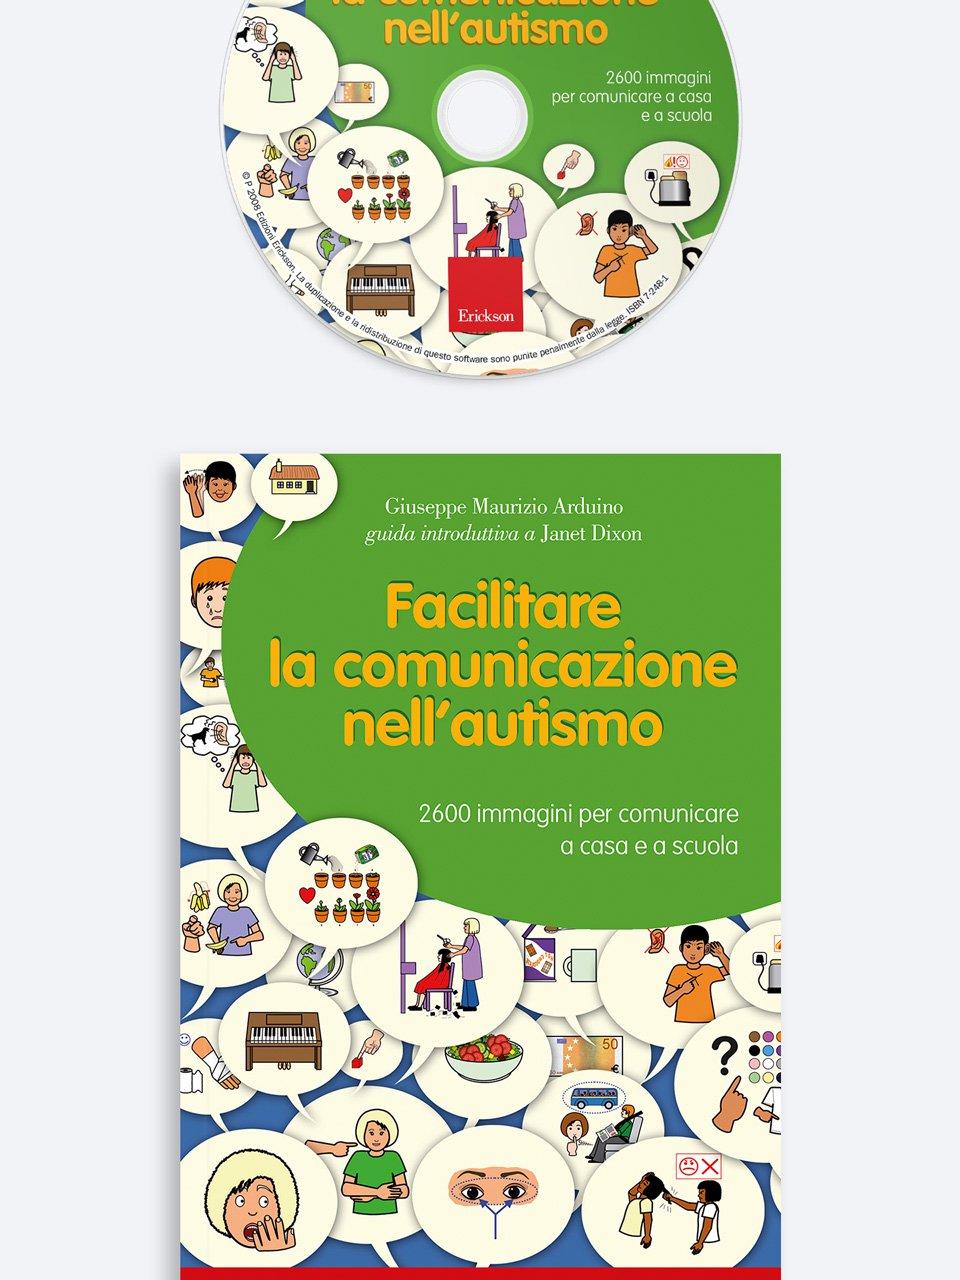 Facilitare la comunicazione nell'autismo - Conosco il mondo con la LIS - Libri - Erickson